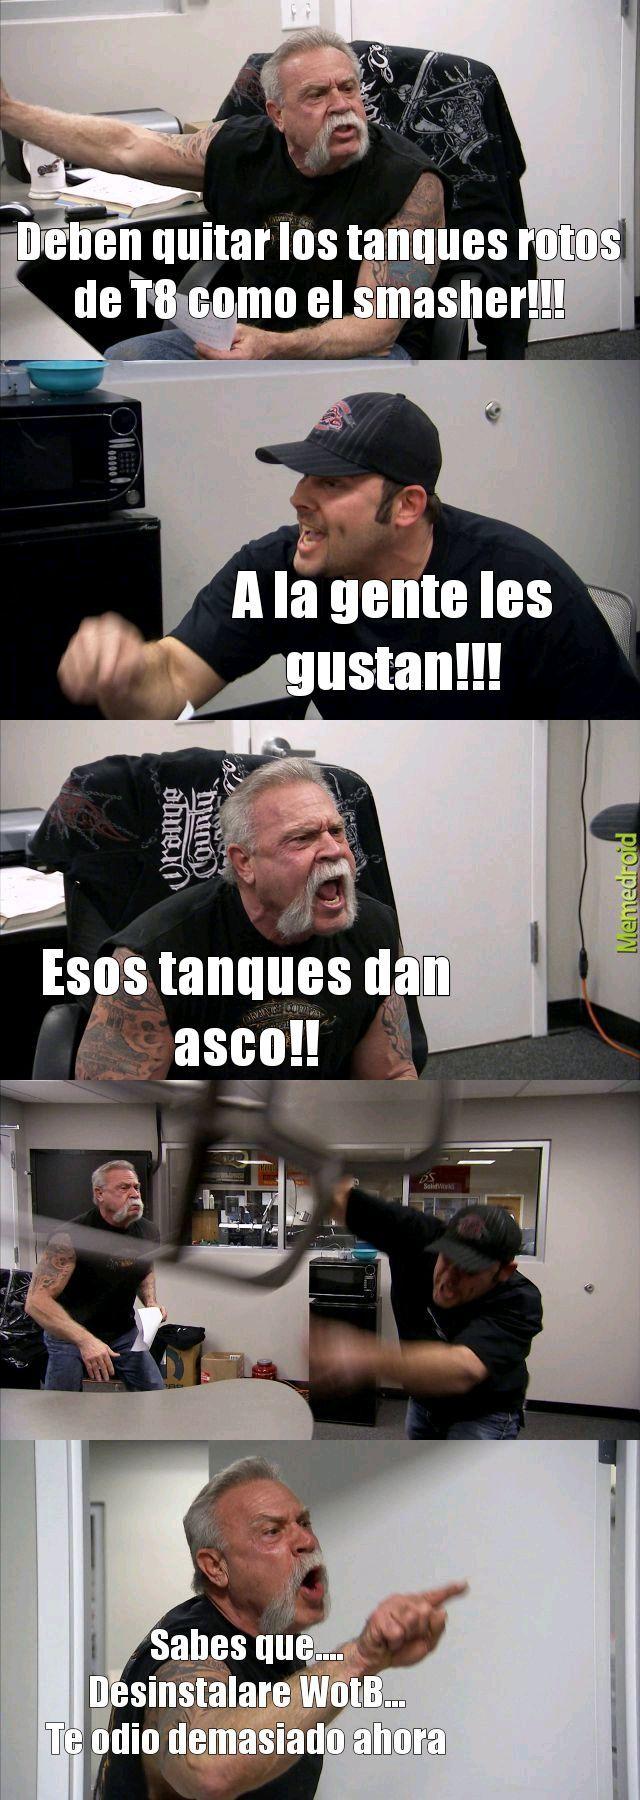 Cosas de WotB - meme